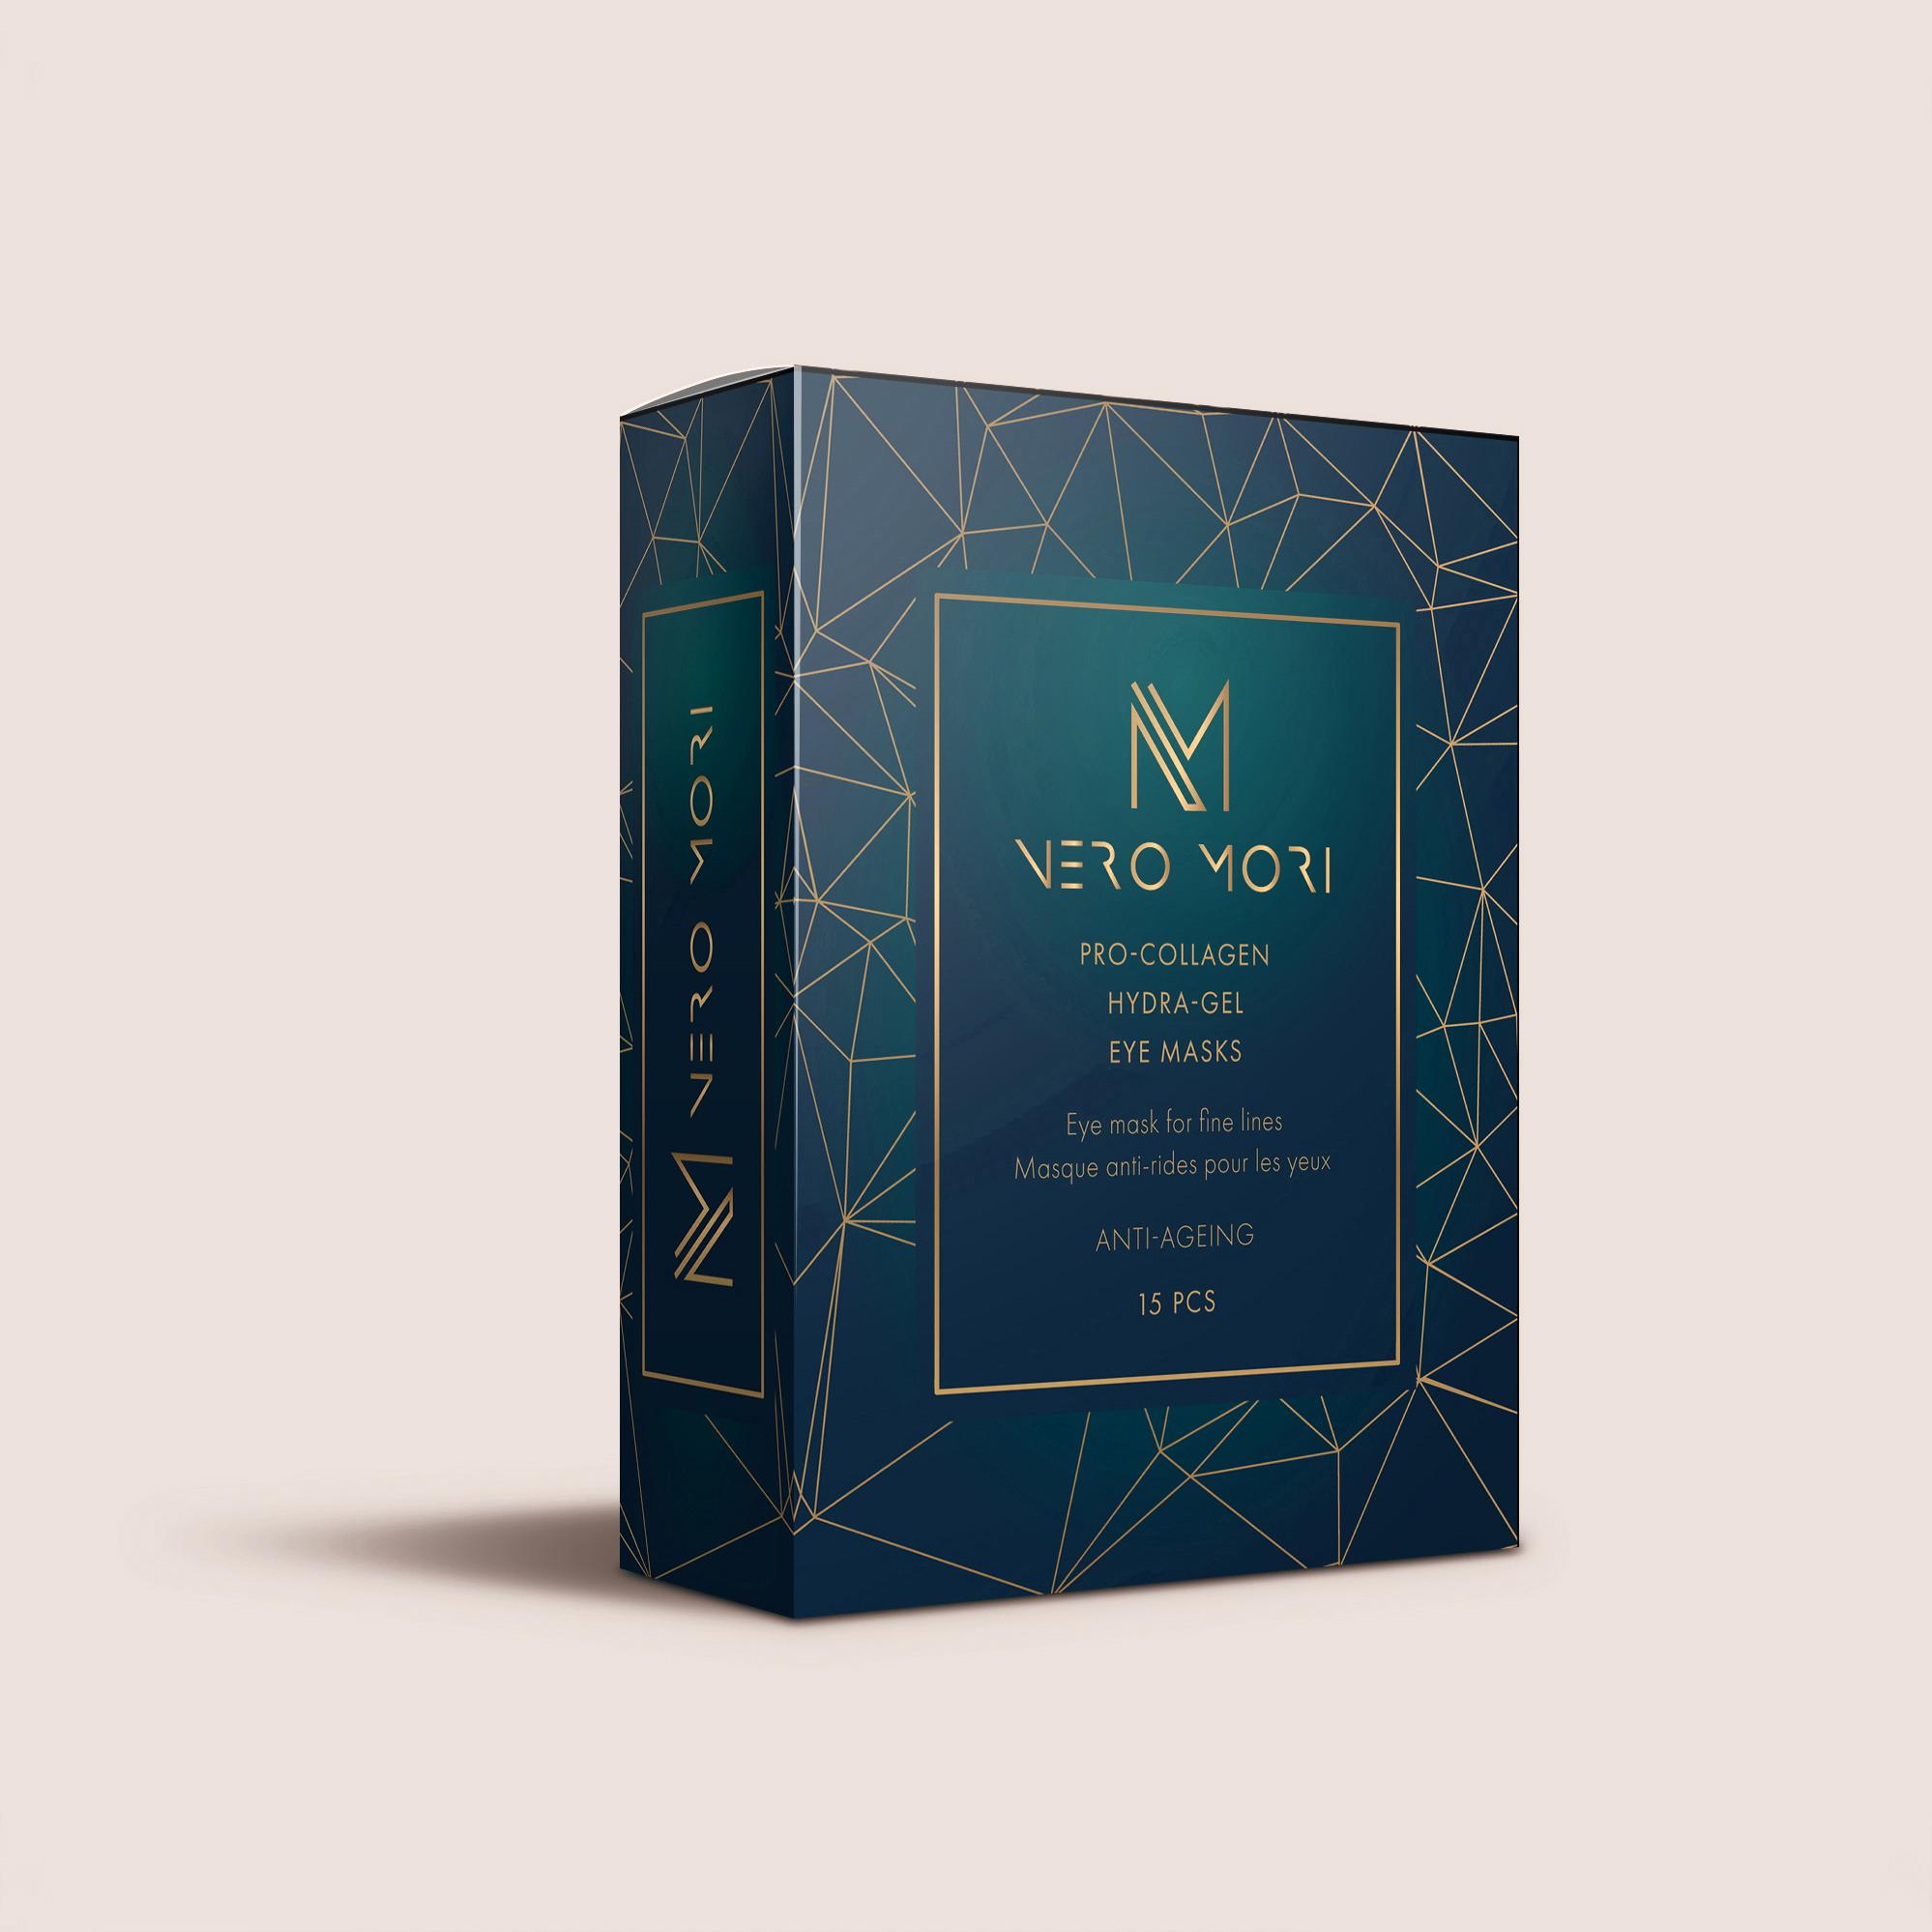 Nero Mori box